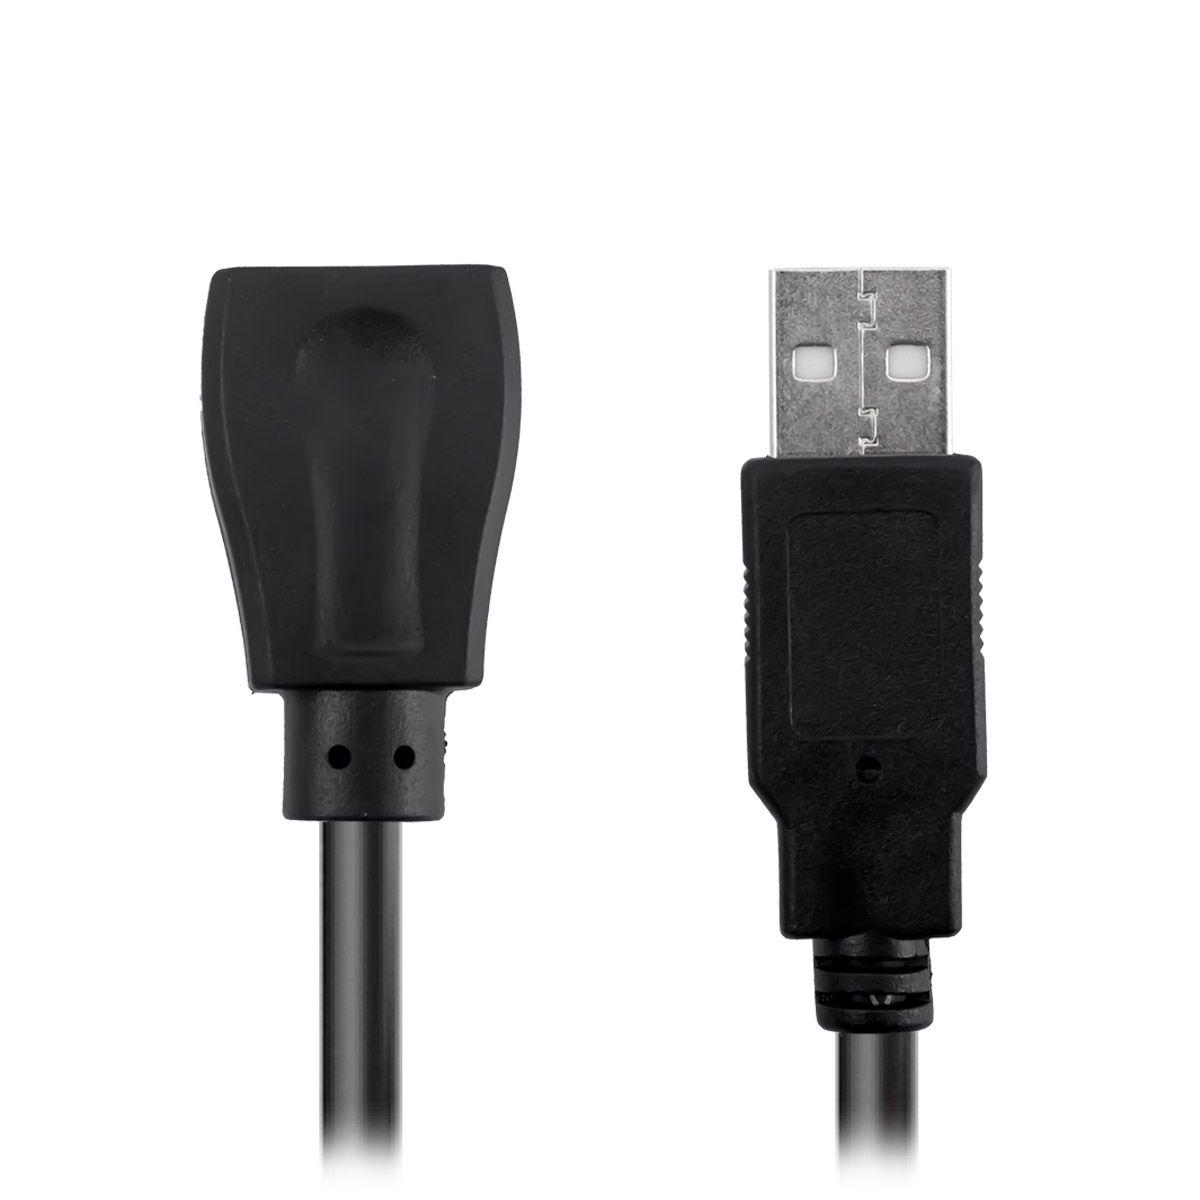 Cabo Extensor USB 2.0 de 10 Metros Exbom CBX-U2AMAF100